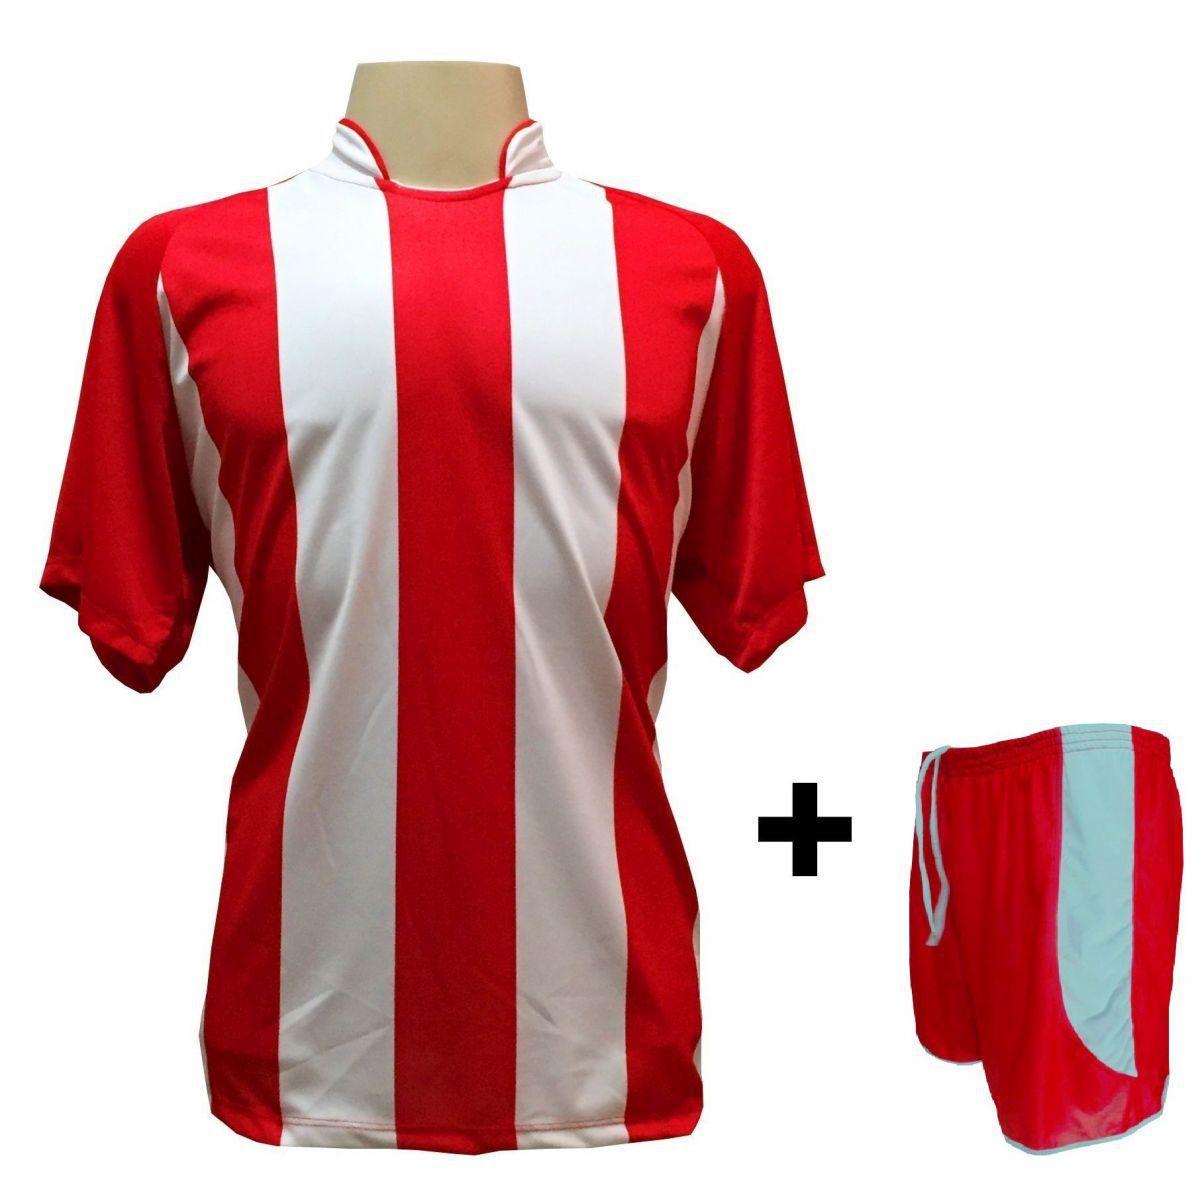 875574cecd Uniforme Esportivo com 12 camisas modelo Milan Vermelho Branco + 12 calções  modelo Copa + 1 Goleiro + Brindes - Play fair - Futebol - Magazine Luiza